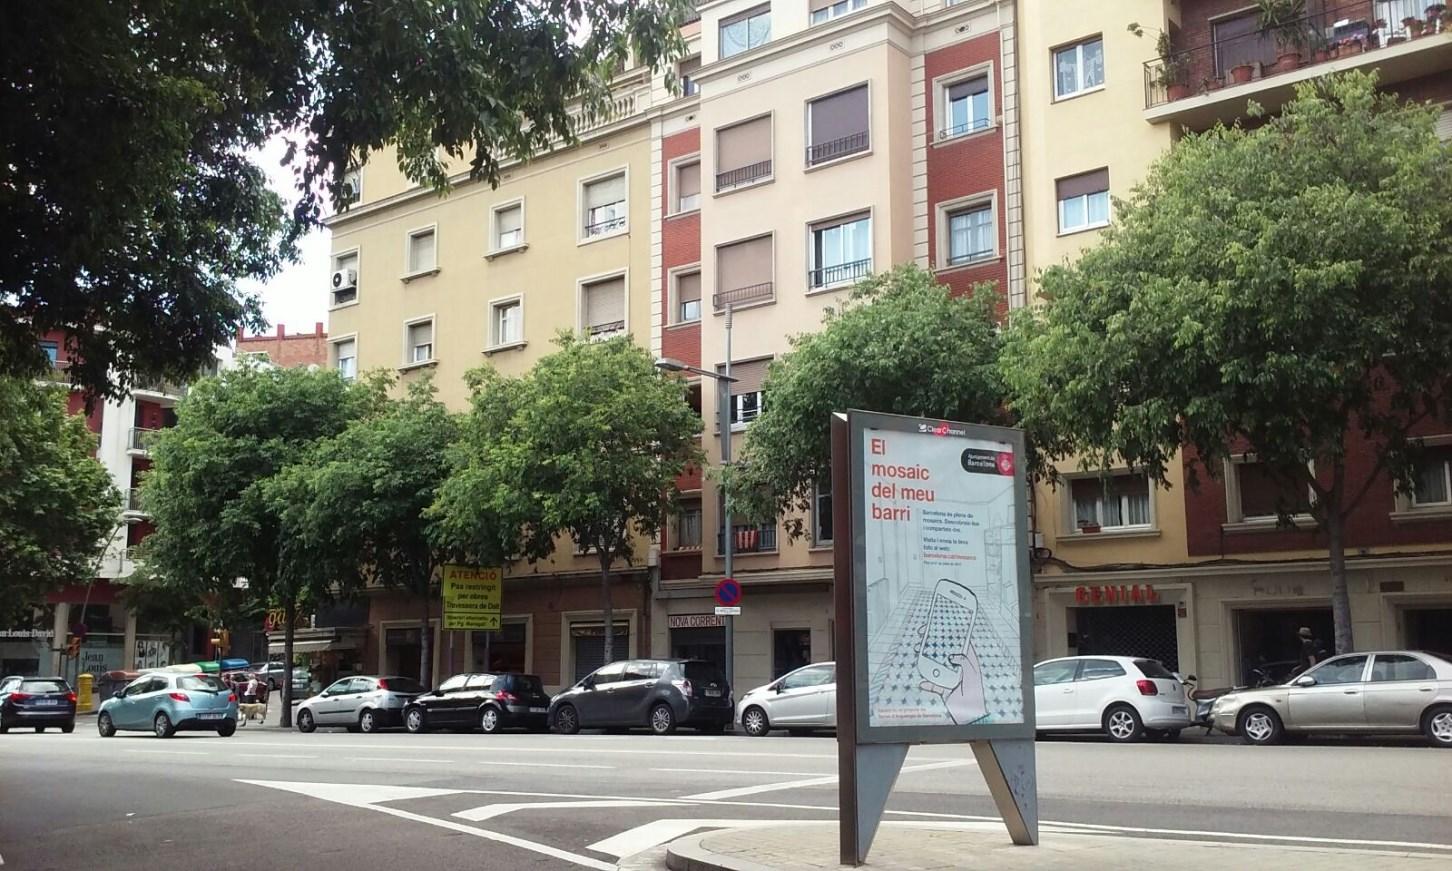 Cartell publicitari (OPI) d'El mosaic del meu barri. (Foto: M. Molinas)